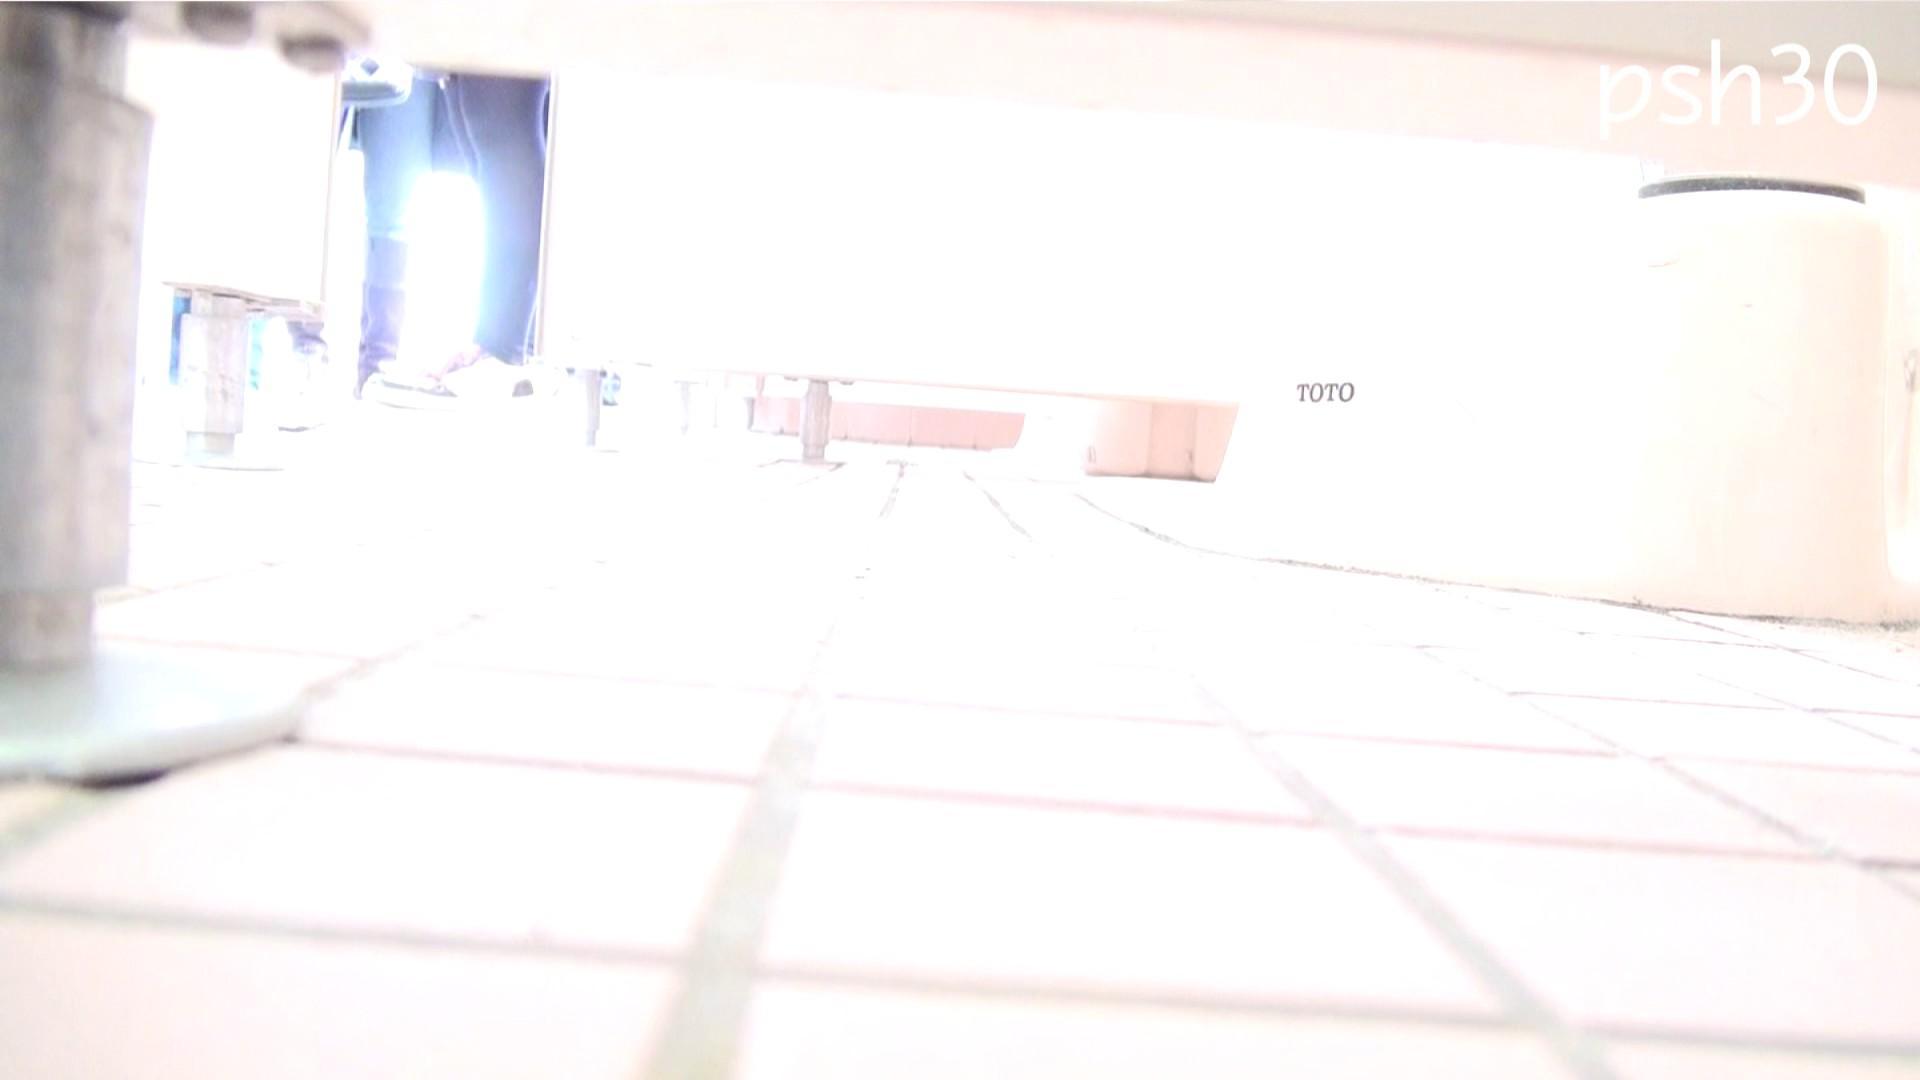 無修正エロ動画|▲復活限定▲ハイビジョン 盗神伝 Vol.30|怪盗ジョーカー